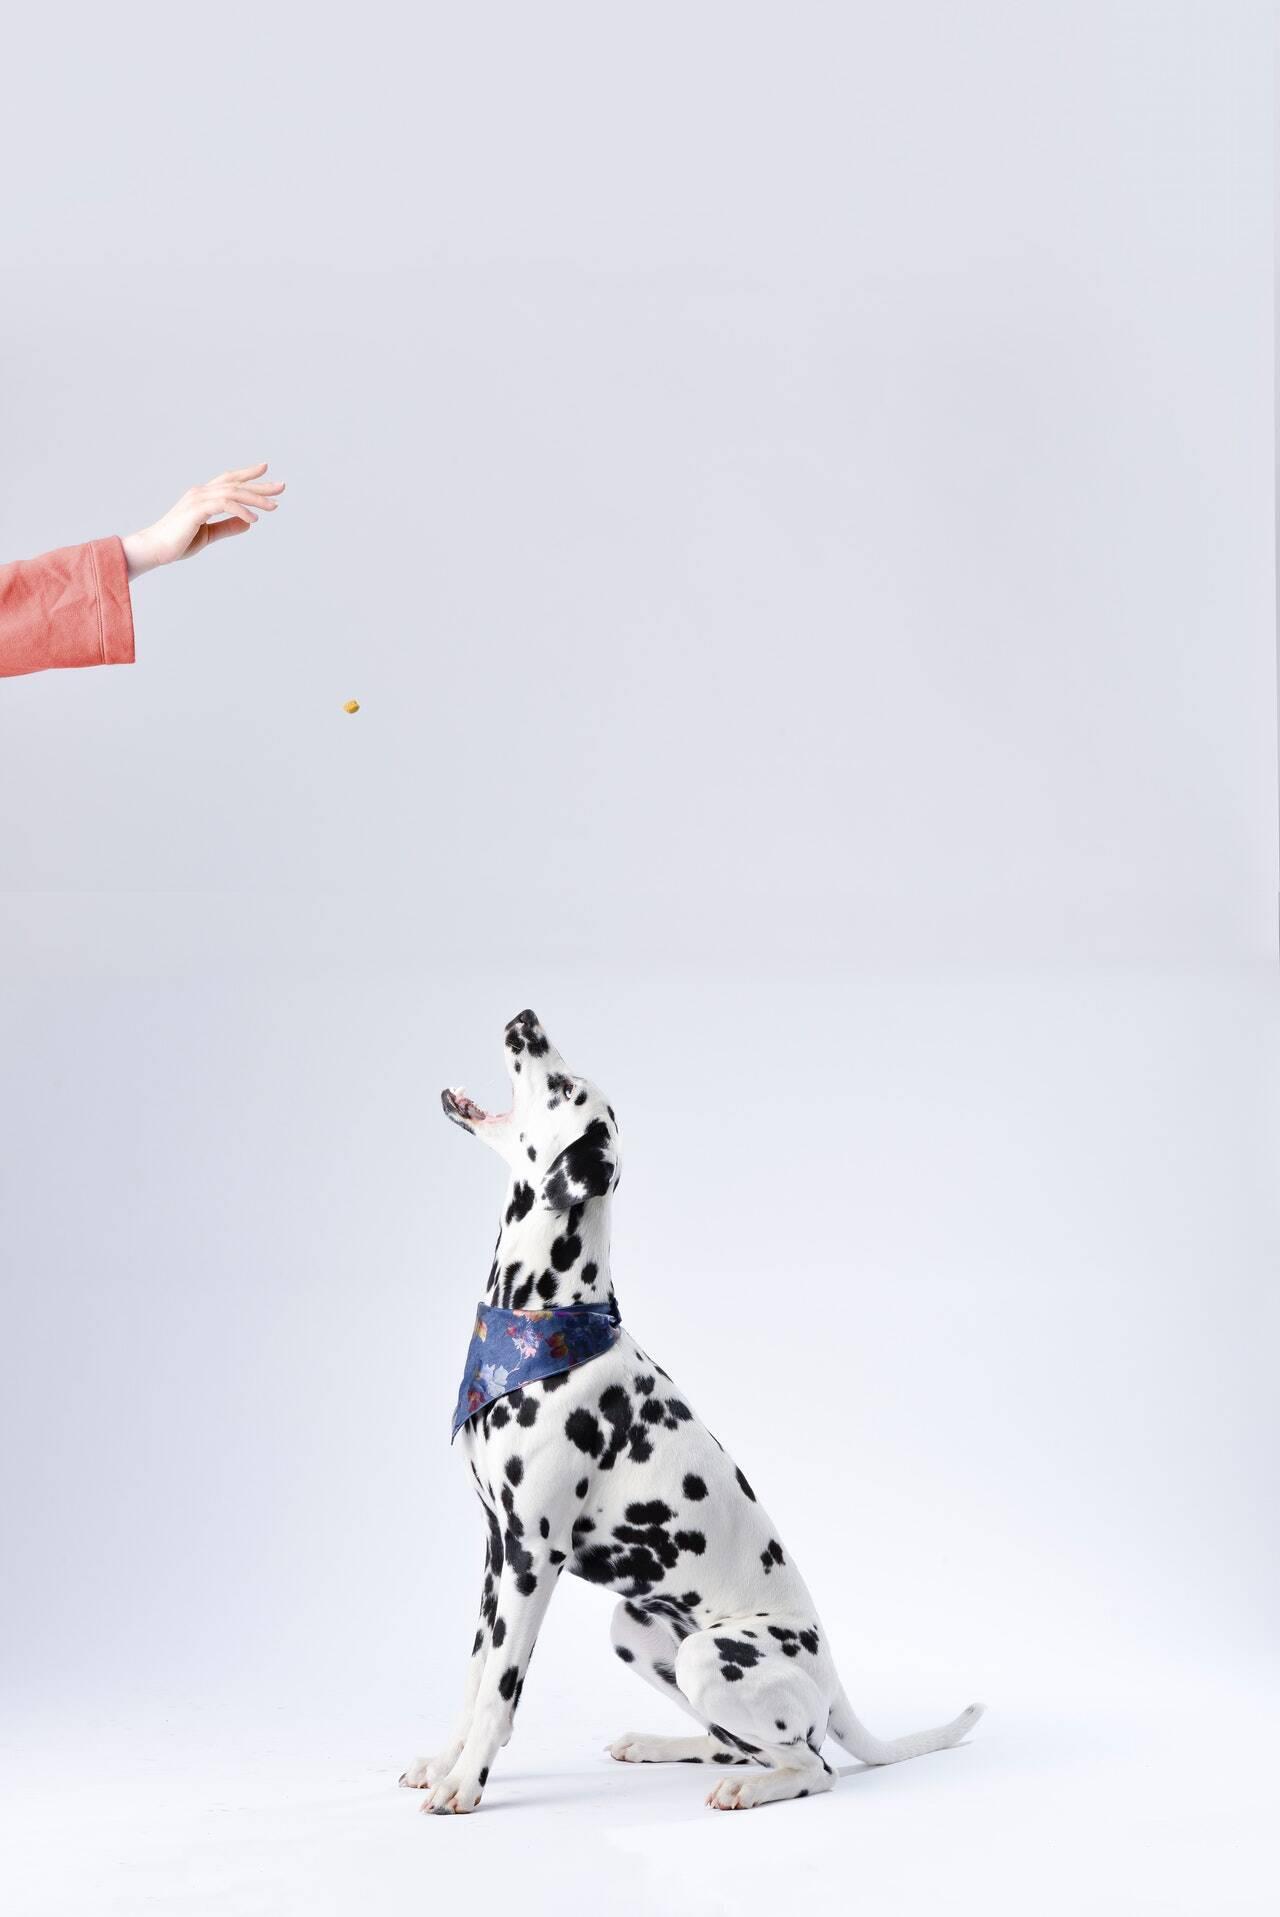 cachorro dálmata - Foto Pexel